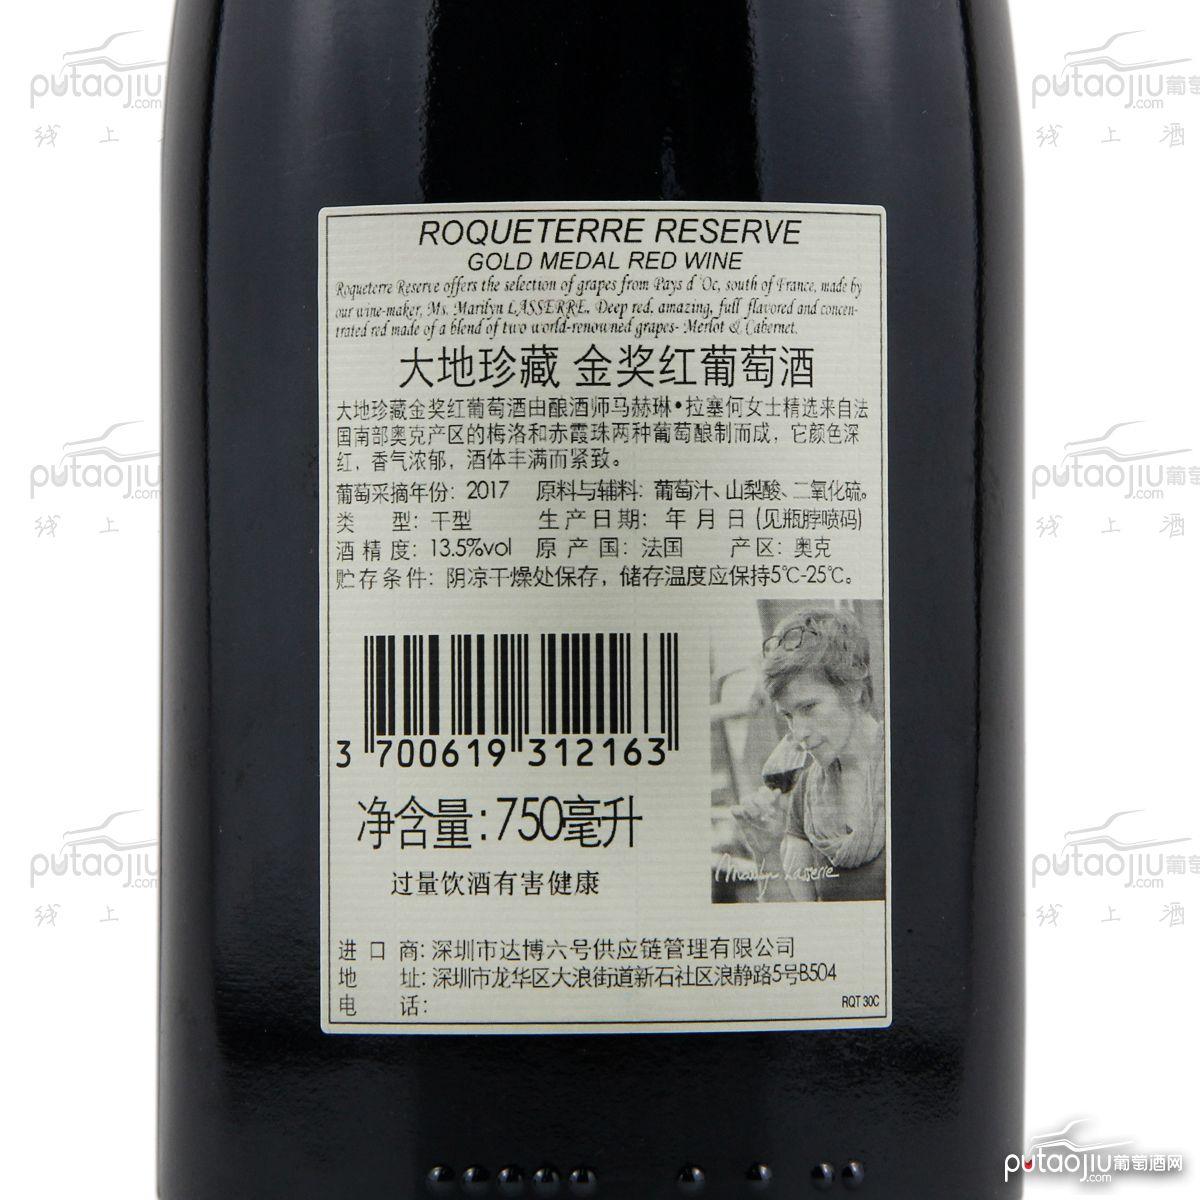 大地珍藏金奖红葡萄酒